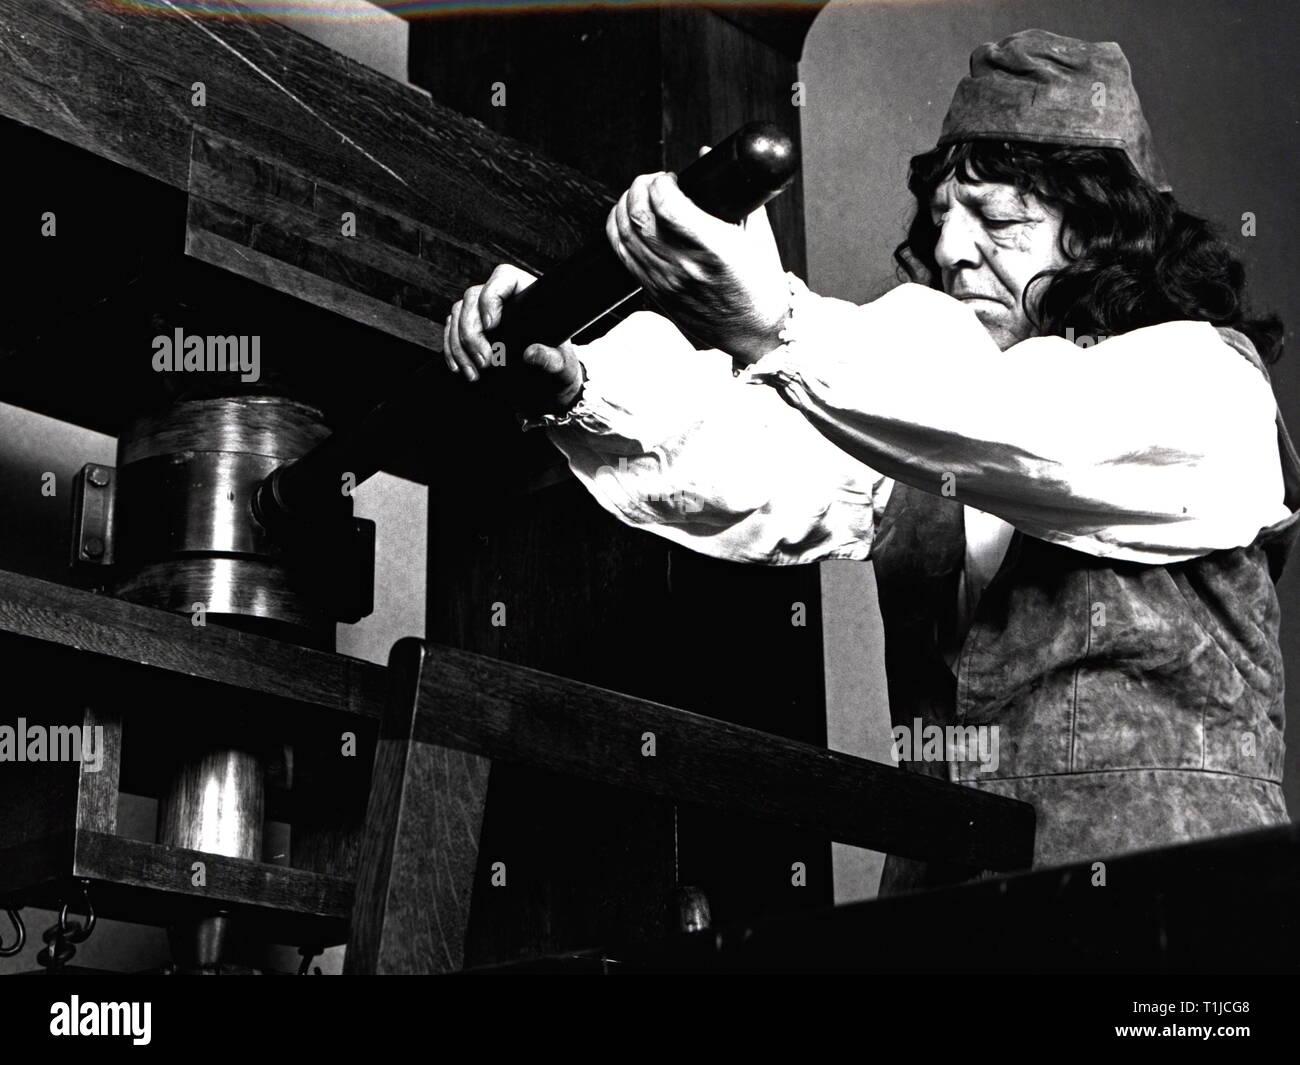 """Exposiciones, historia, exposición 'Schwarze Kunst"""", la reproducción de una imprenta de Gutenberg, la oficina central de la Sparkasse, Grosser Bursstah de Hamburgo, Hamburgo, 15.3. - 23.4.1971-Clearance-Info-Not-Available Additional-Rights Foto de stock"""